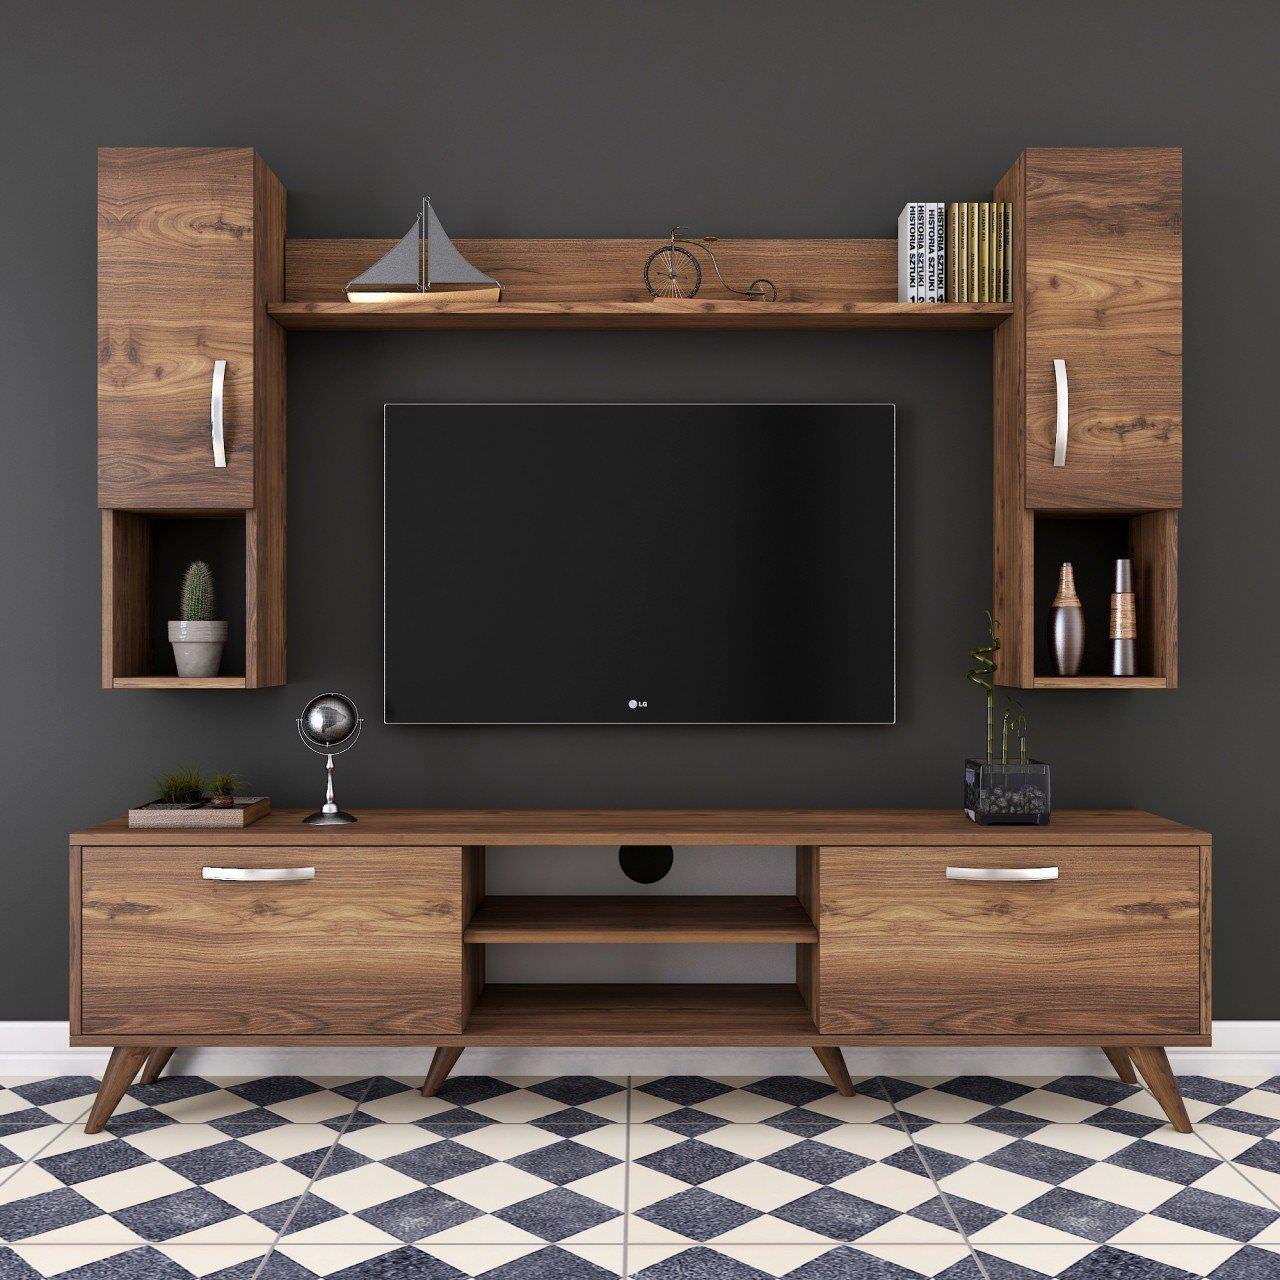 Mẫu kệ tivi gỗ công nghiệp màu gỗ đẹp